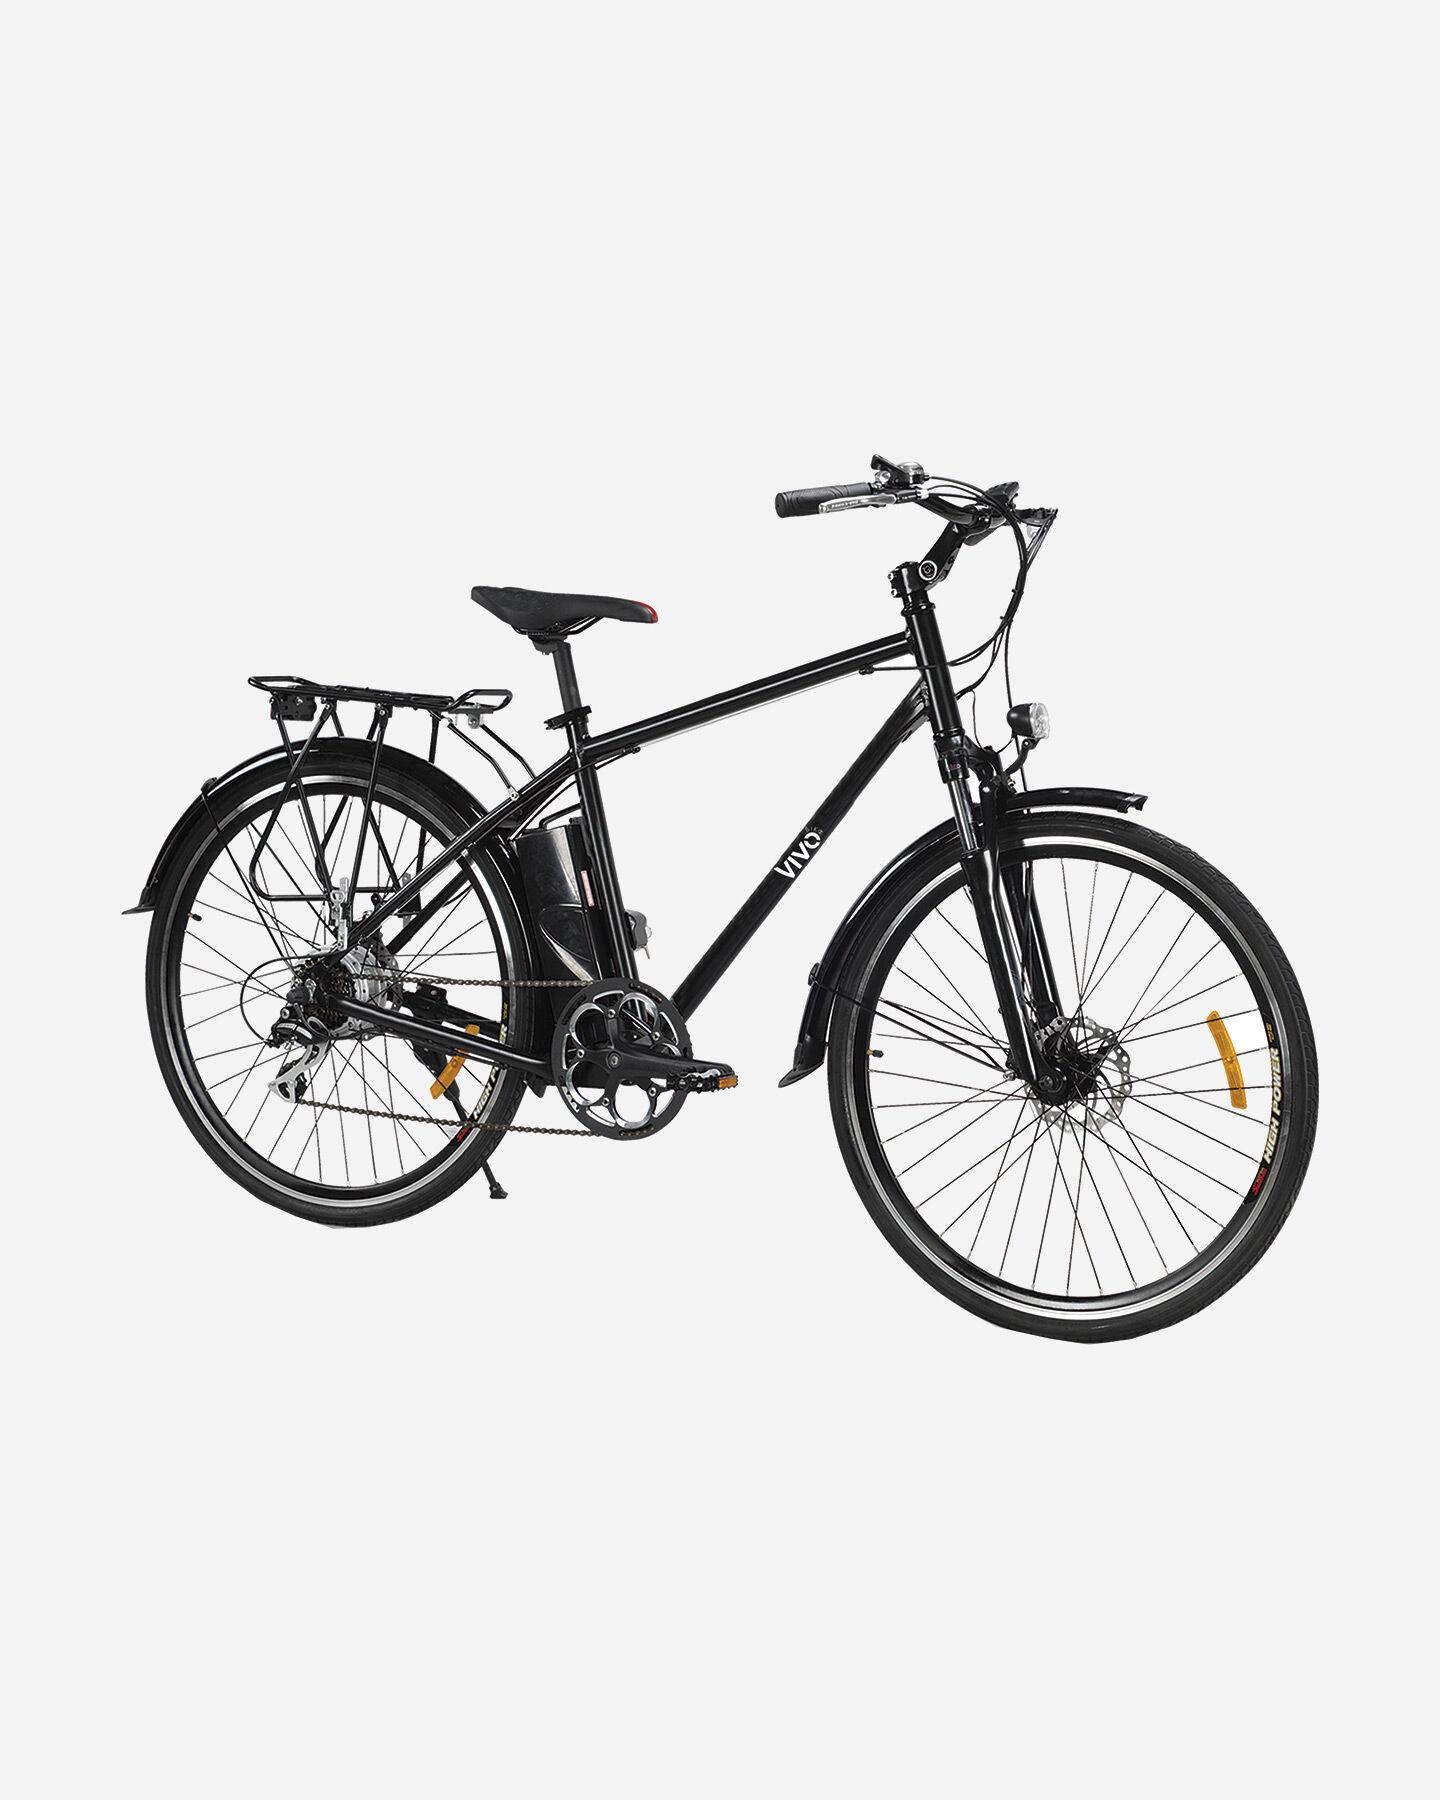 Bici elettrica VIVOBIKE E-BIKE VC28 S4084397 1 UNI scatto 0